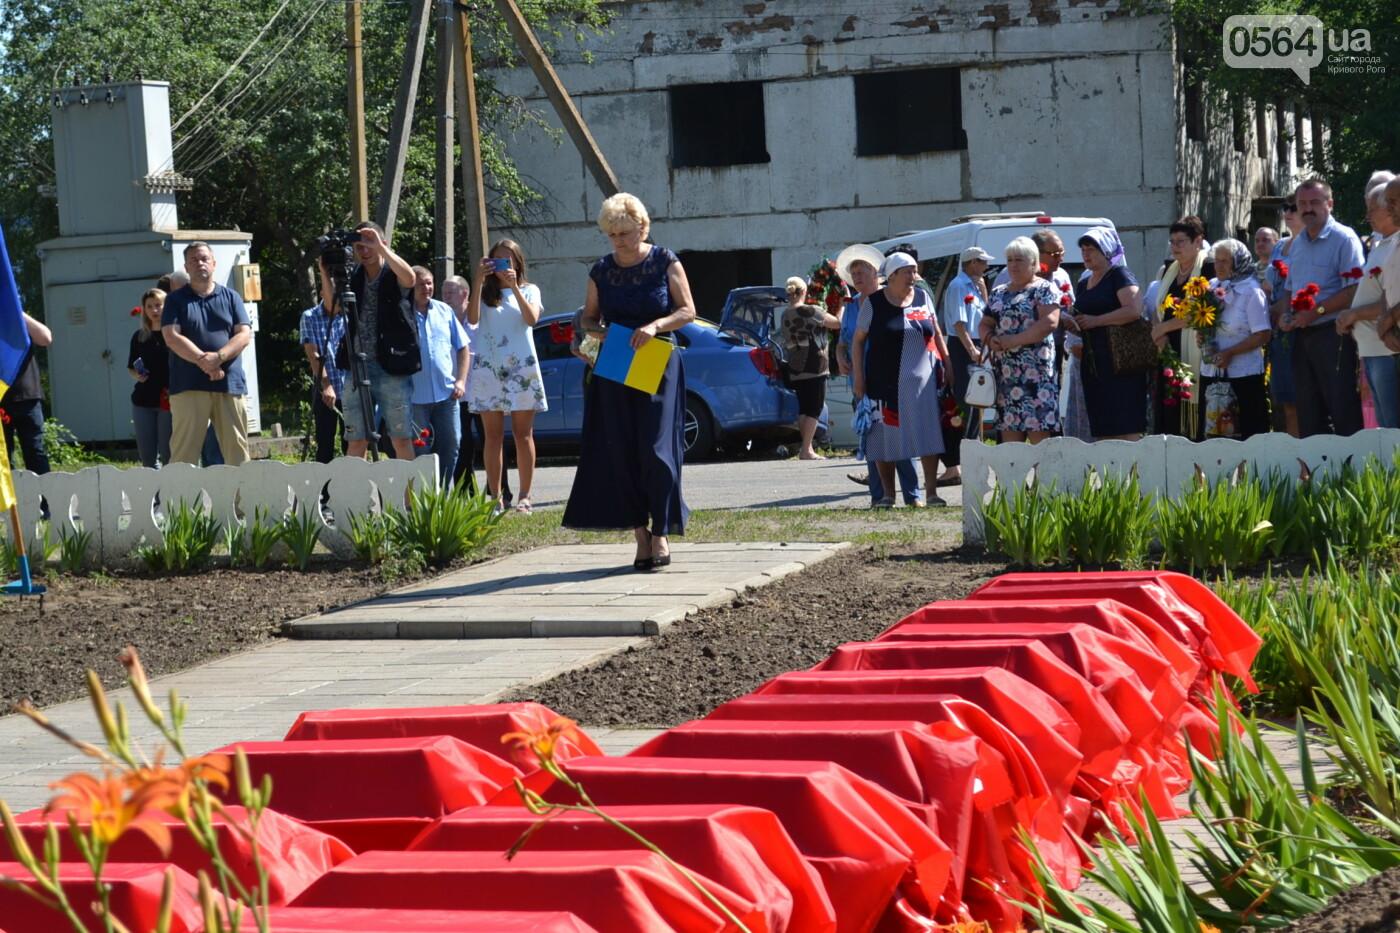 Вечная память! На Криворожье торжественно захоронили останки 43 воинов Второй мировой, - ФОТО, ВИДЕО, фото-8